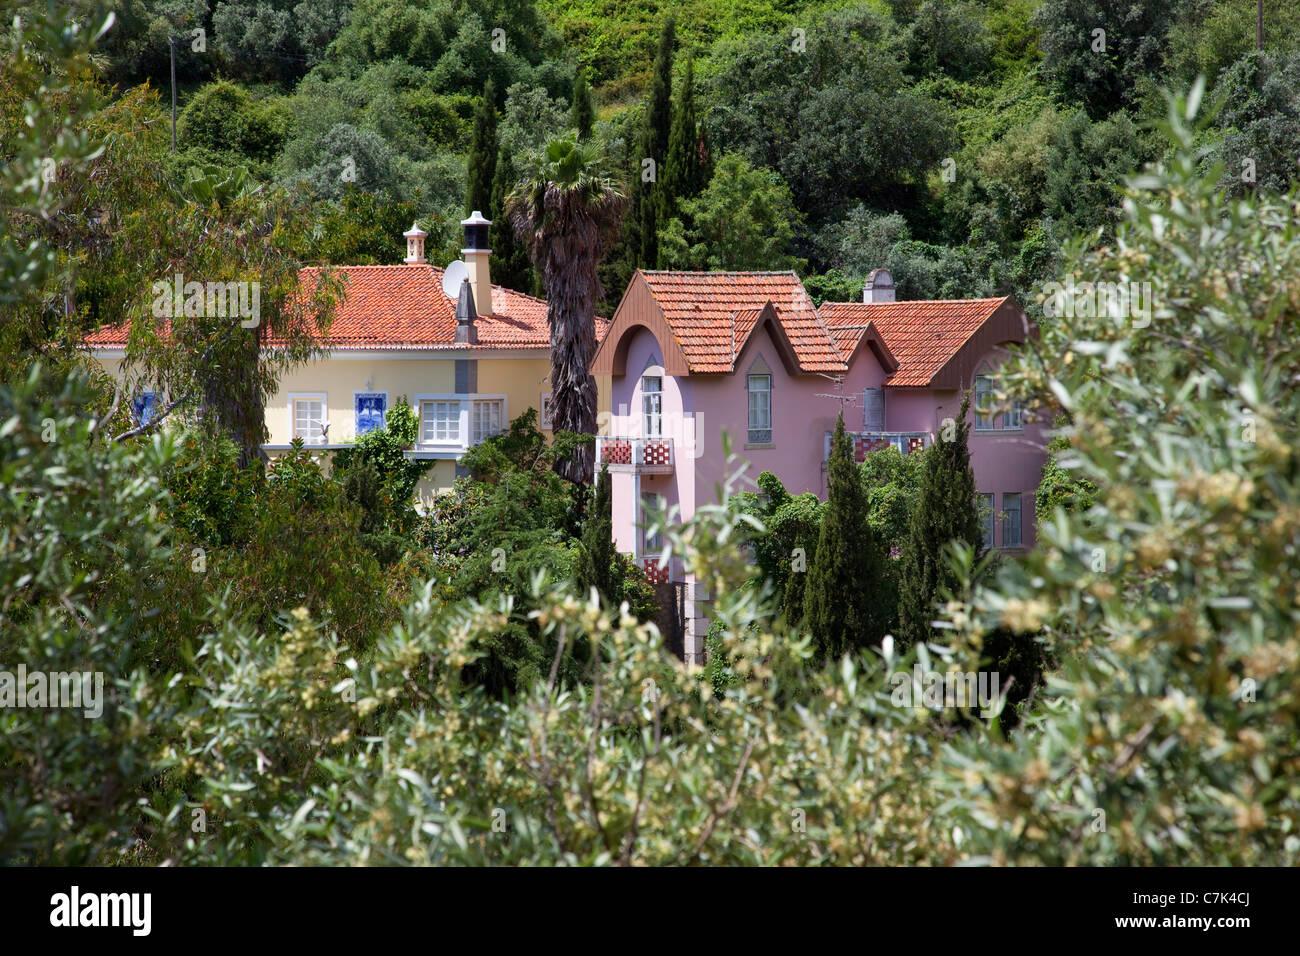 Portugal, Algarve, Caldas De Monchique, View over Village Stock Photo